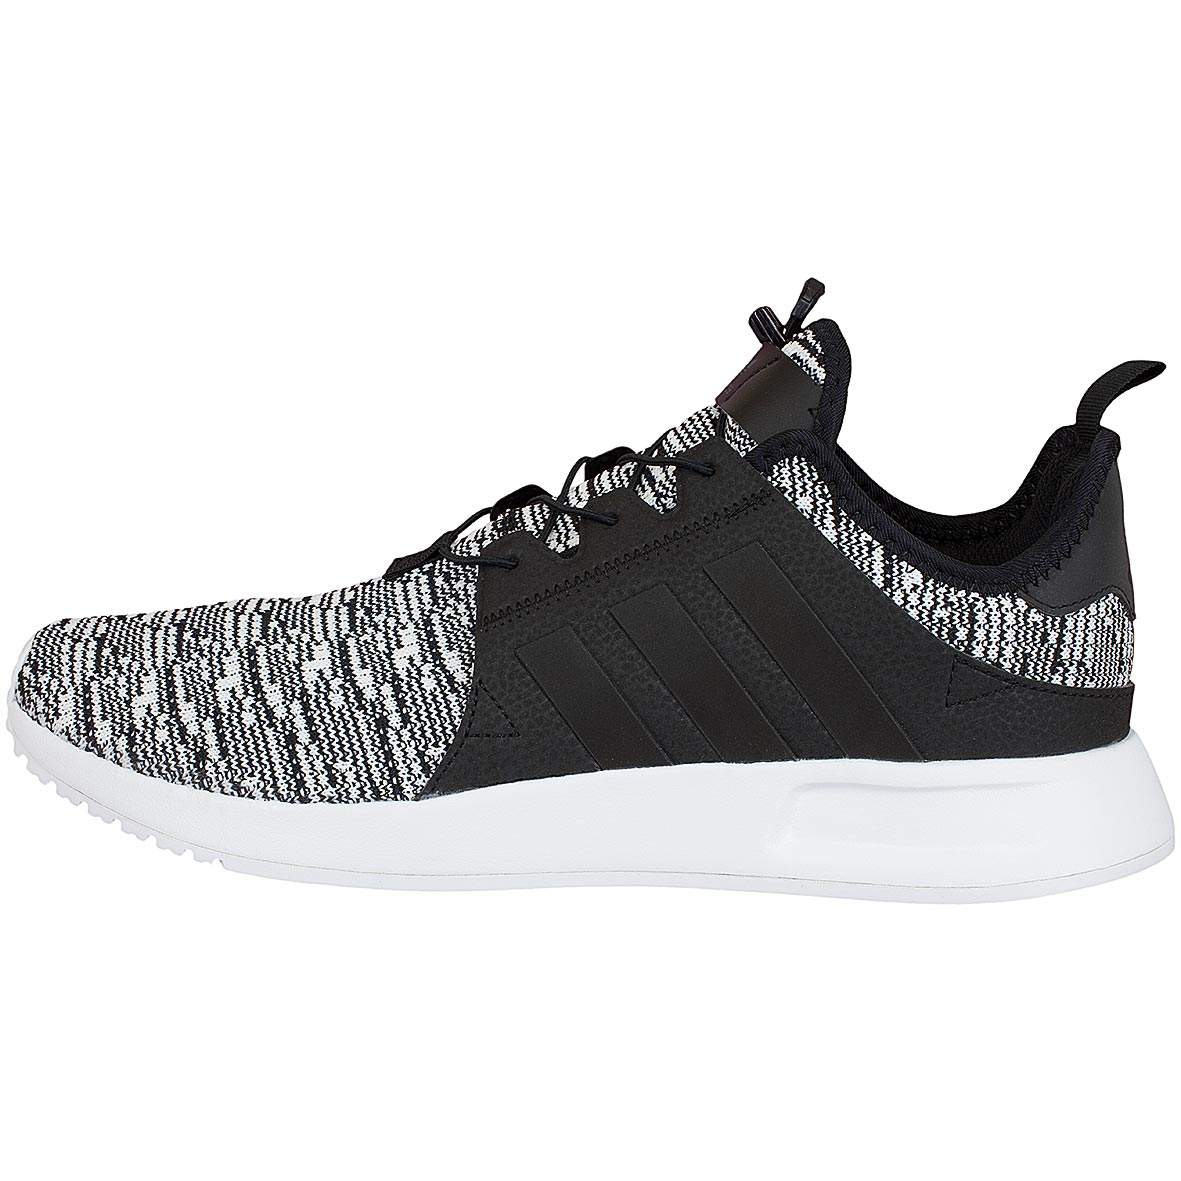 Adidas Originals Sneaker X PLR schwarz/schwarz/weiß